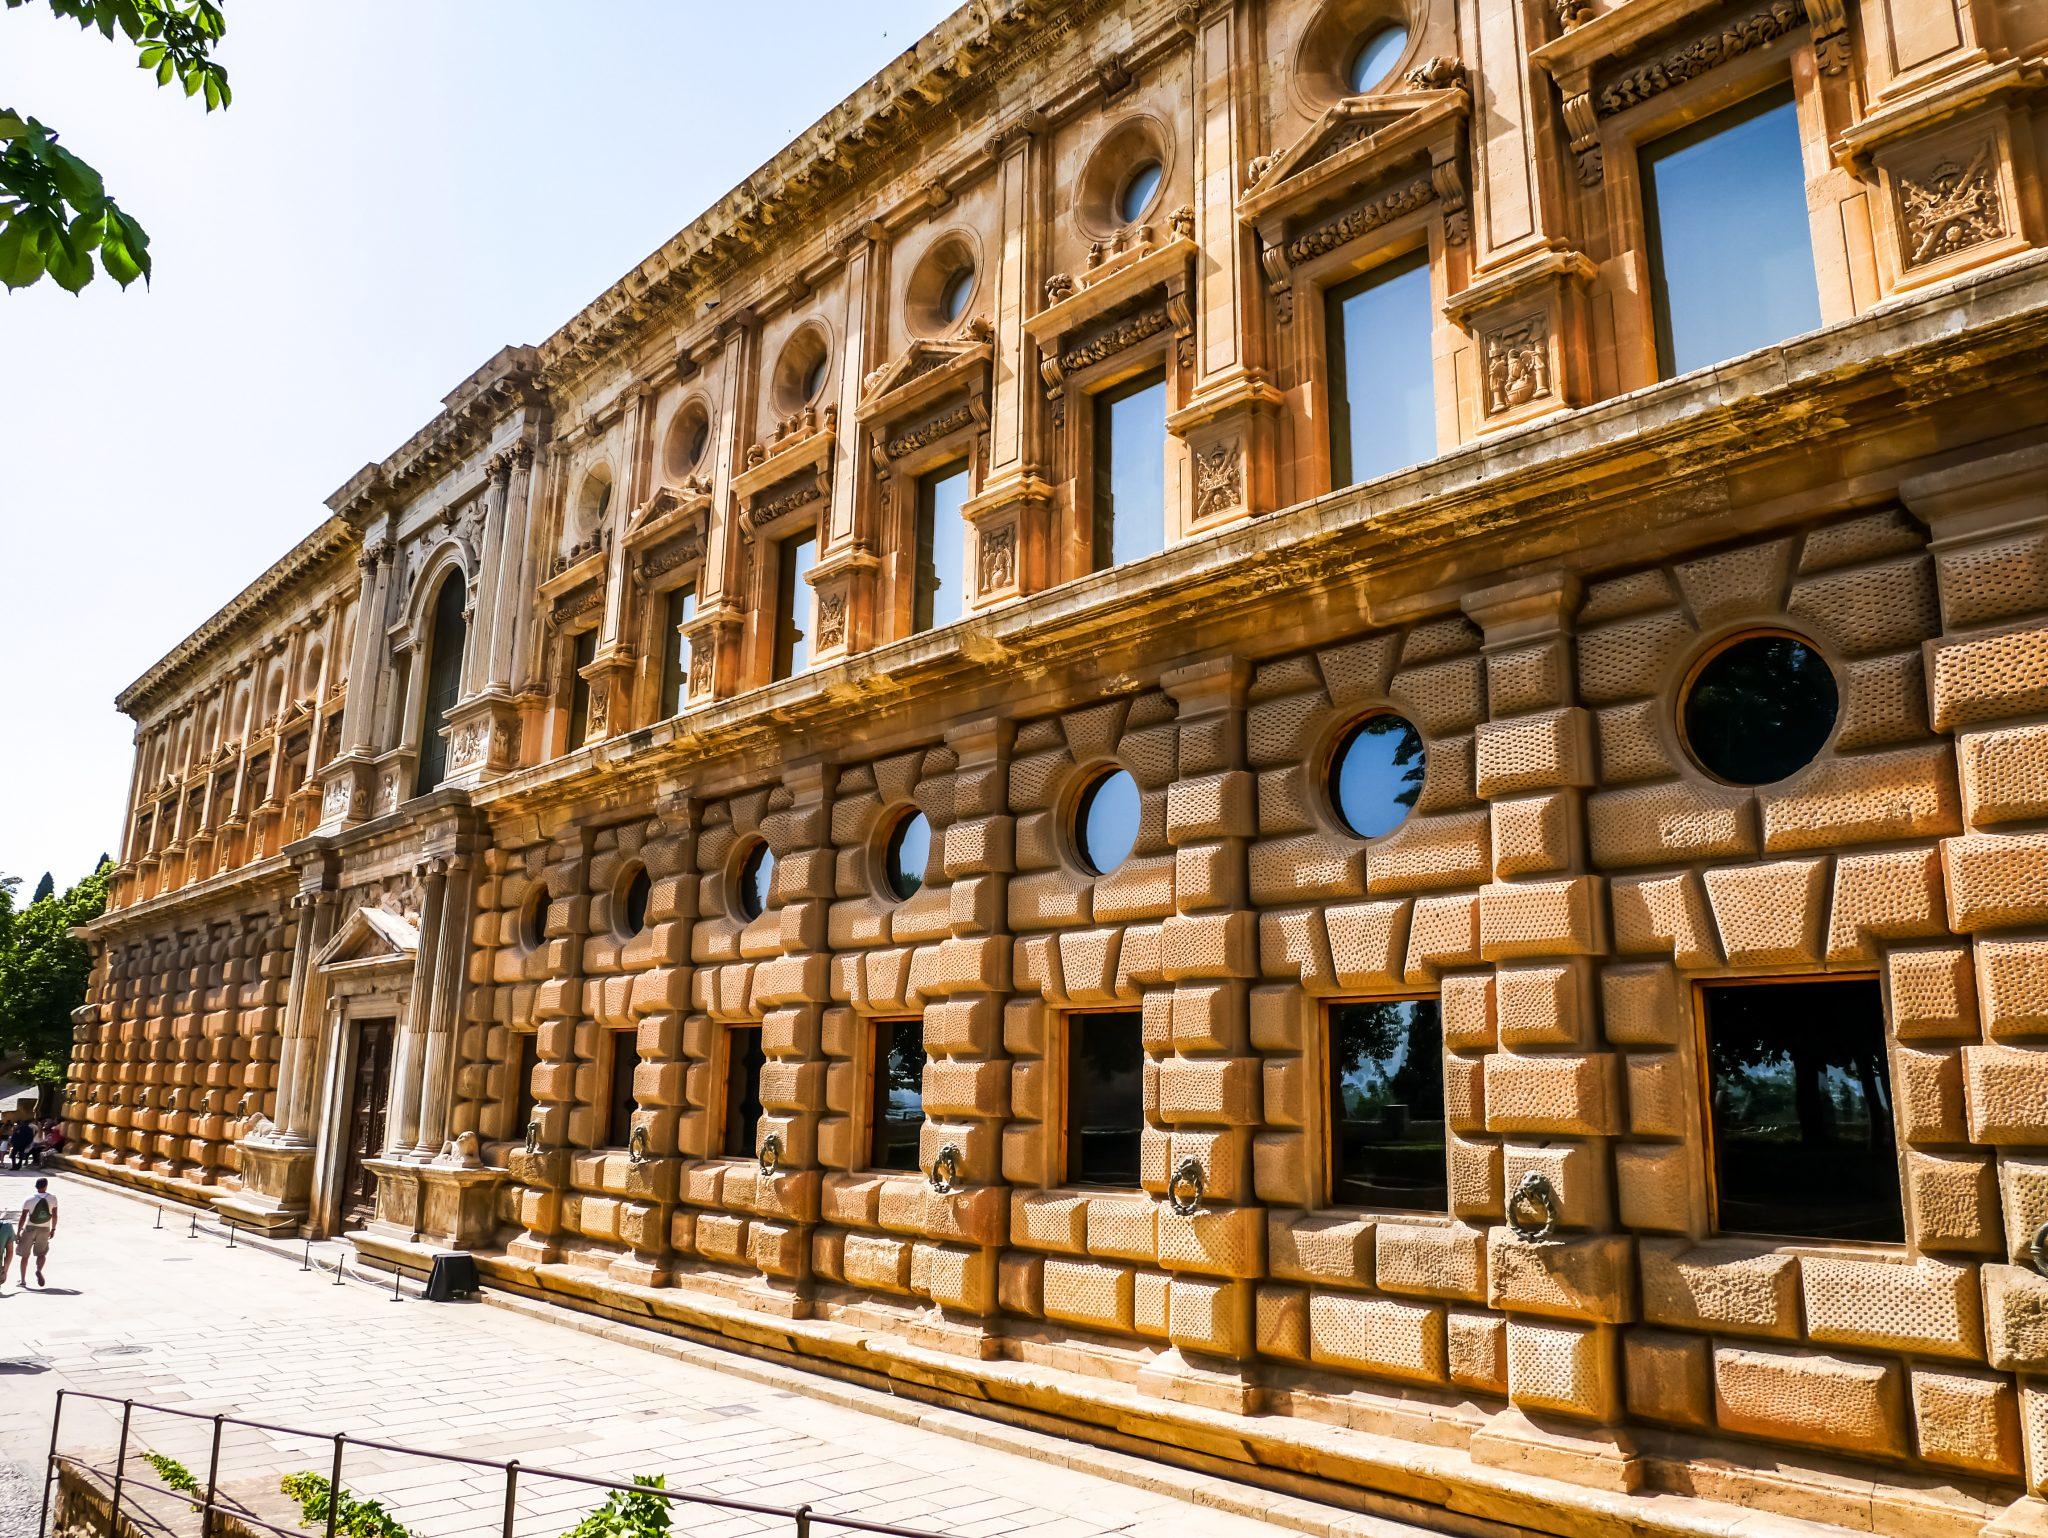 Von außen sieht der Palast viereckig aus.